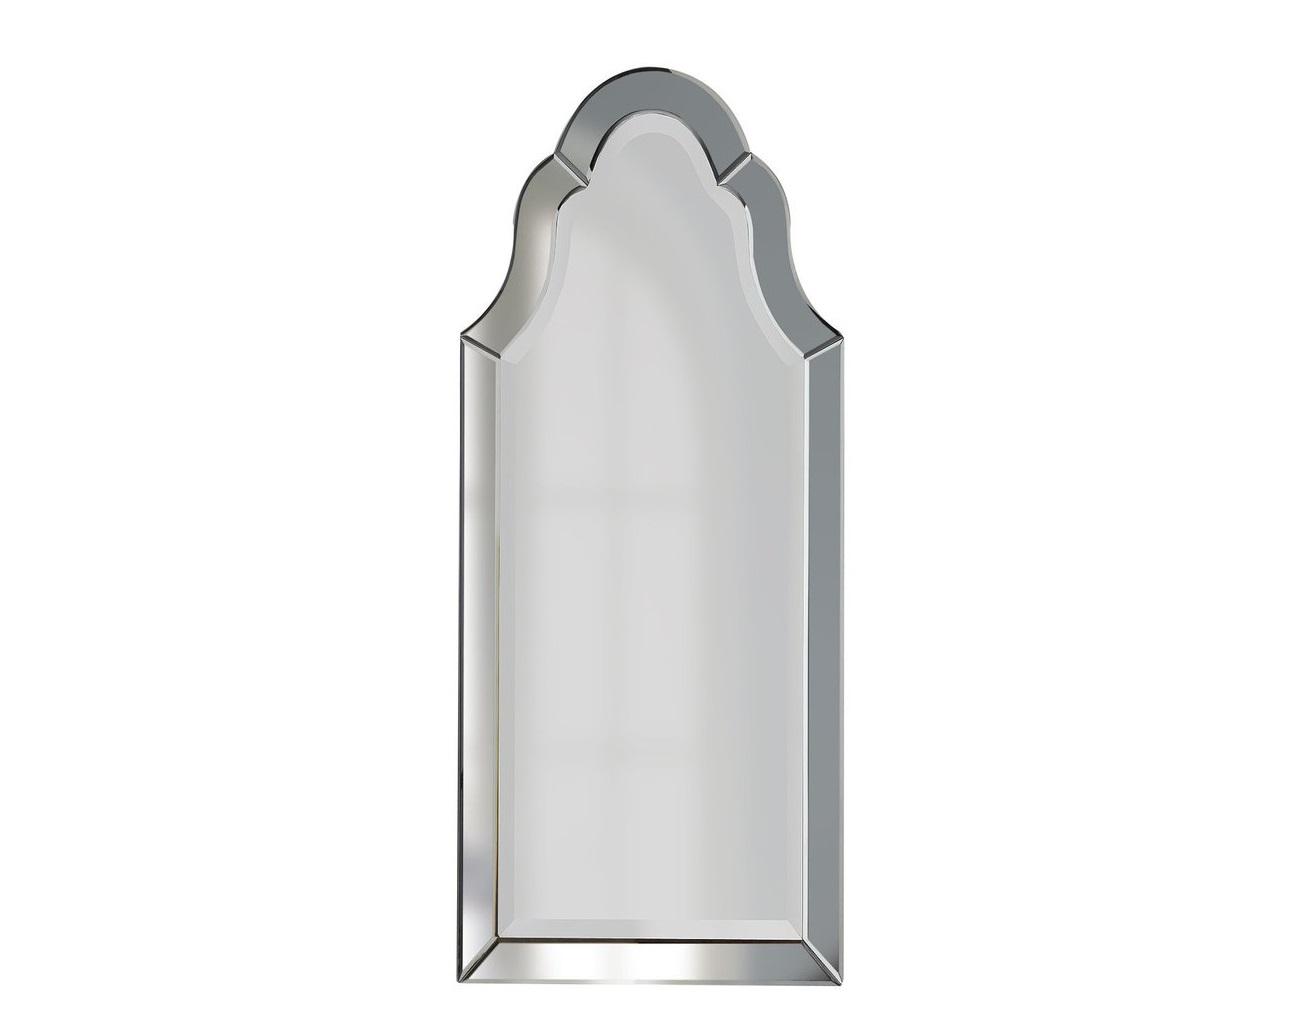 Напольное зеркало ЭлизаНапольные зеркала<br><br><br>Material: Стекло<br>Ширина см: 69<br>Высота см: 176<br>Глубина см: 12